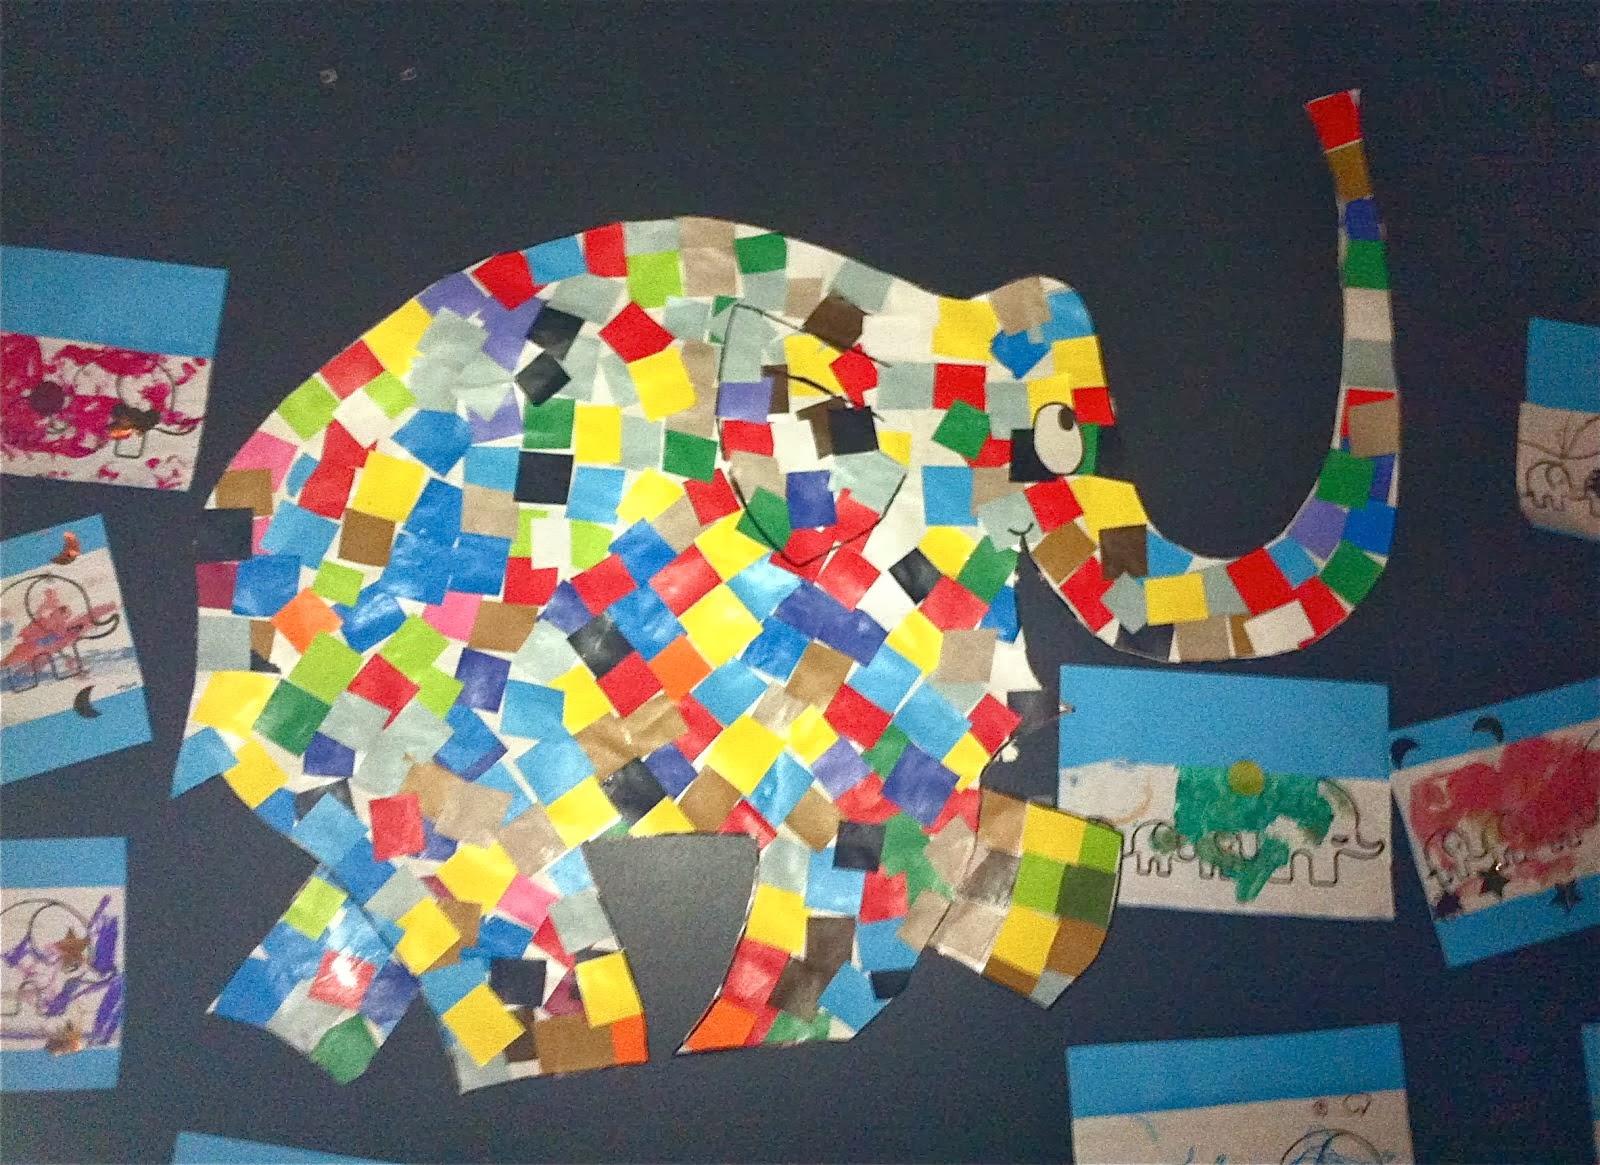 Les éléphants - Pusignan (69)